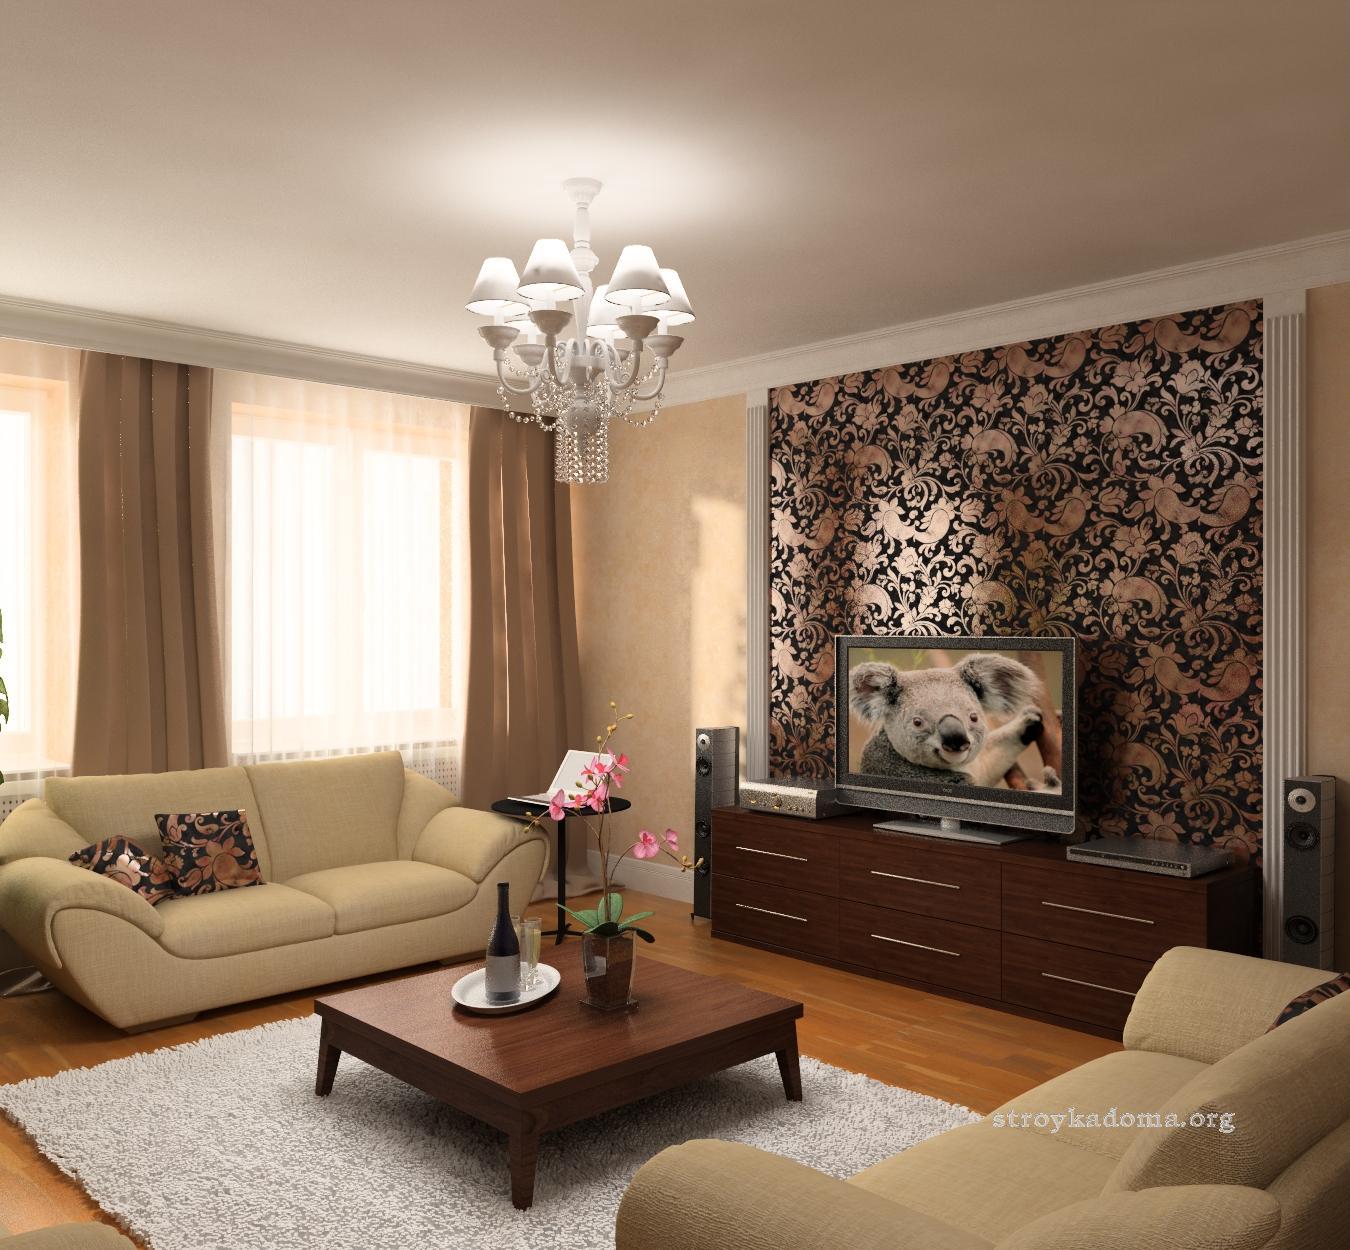 Как сделать гостиную уютной и красивой фото фото 591